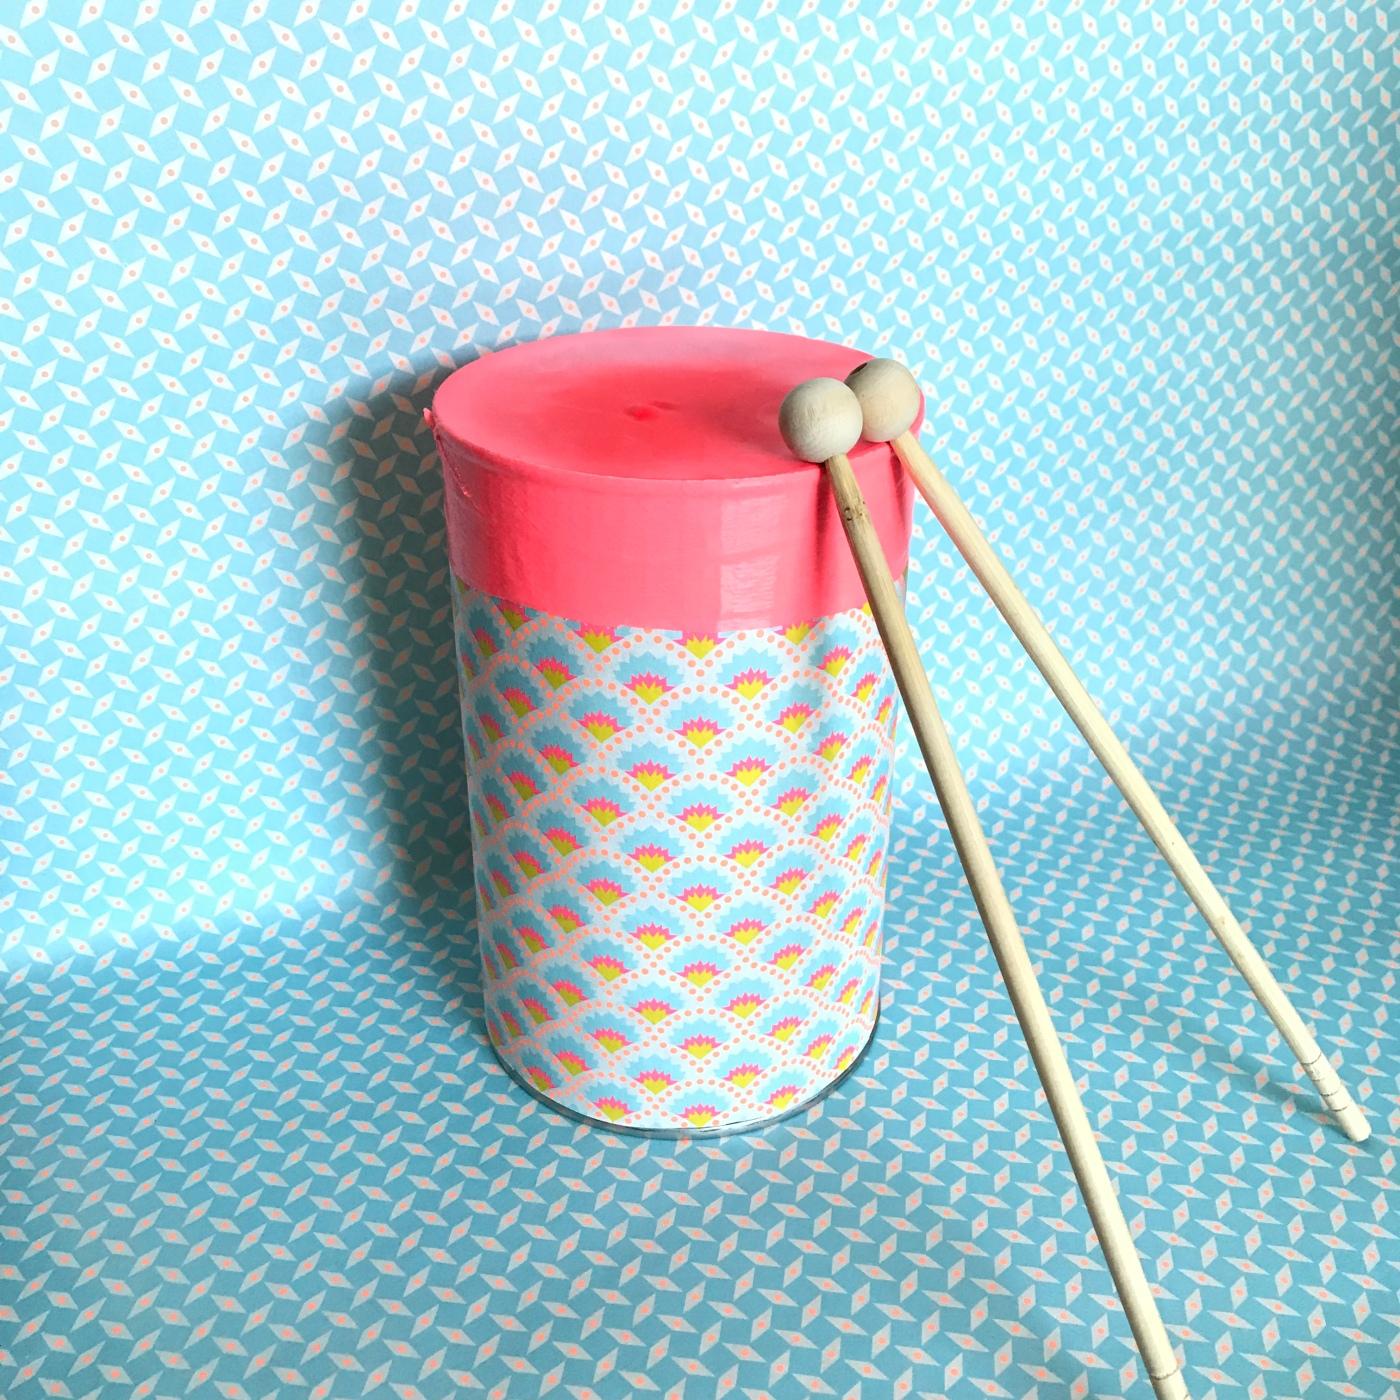 A tambours battants recyclage boite de conserve fête de la musique DIY craft bricolage enfant Image à la une